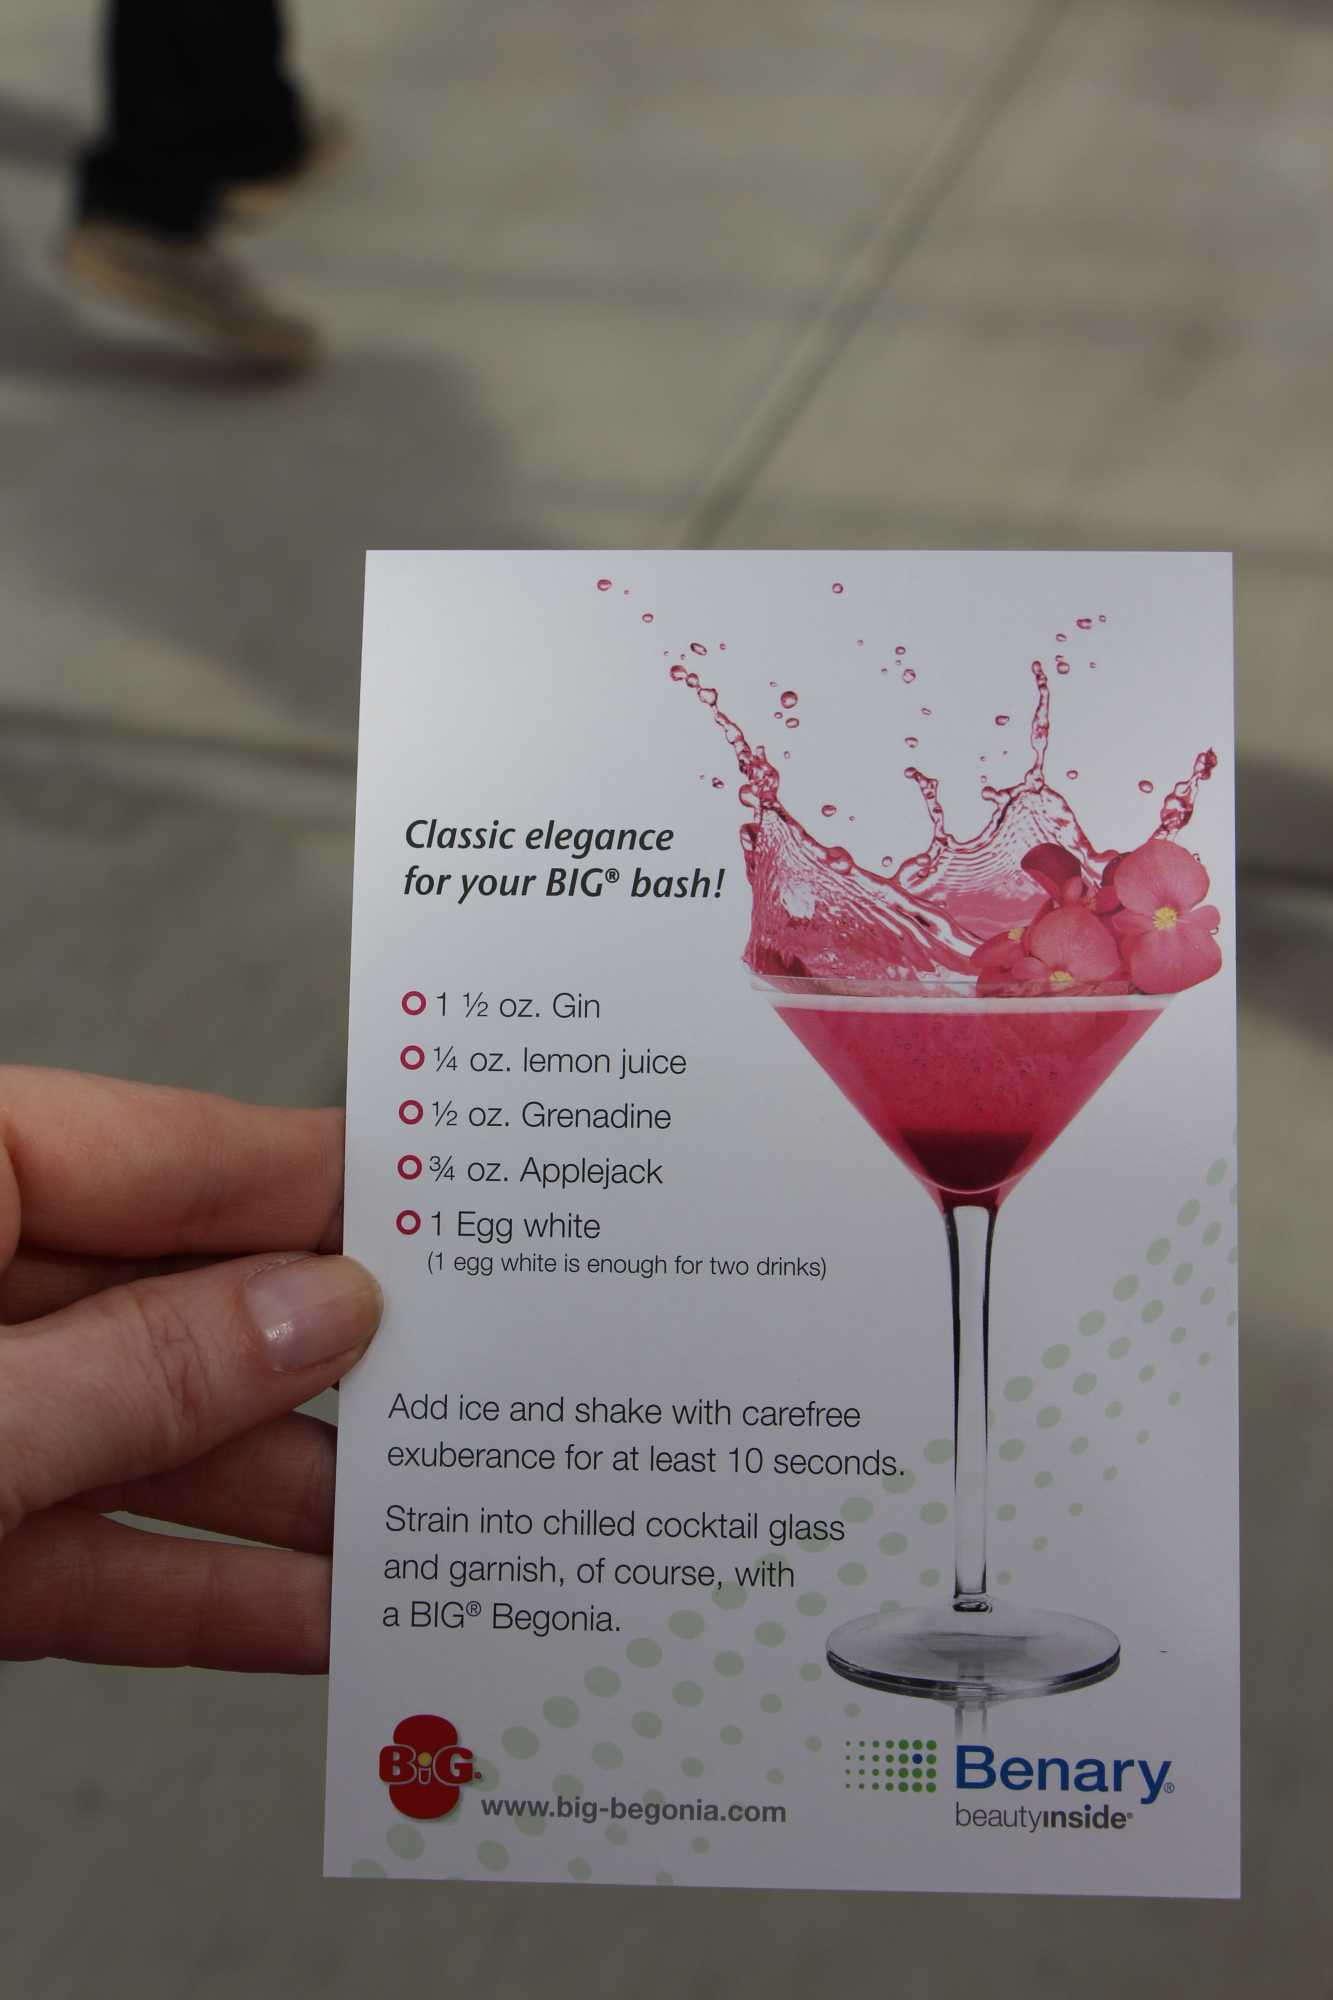 Benary cocktail recipe